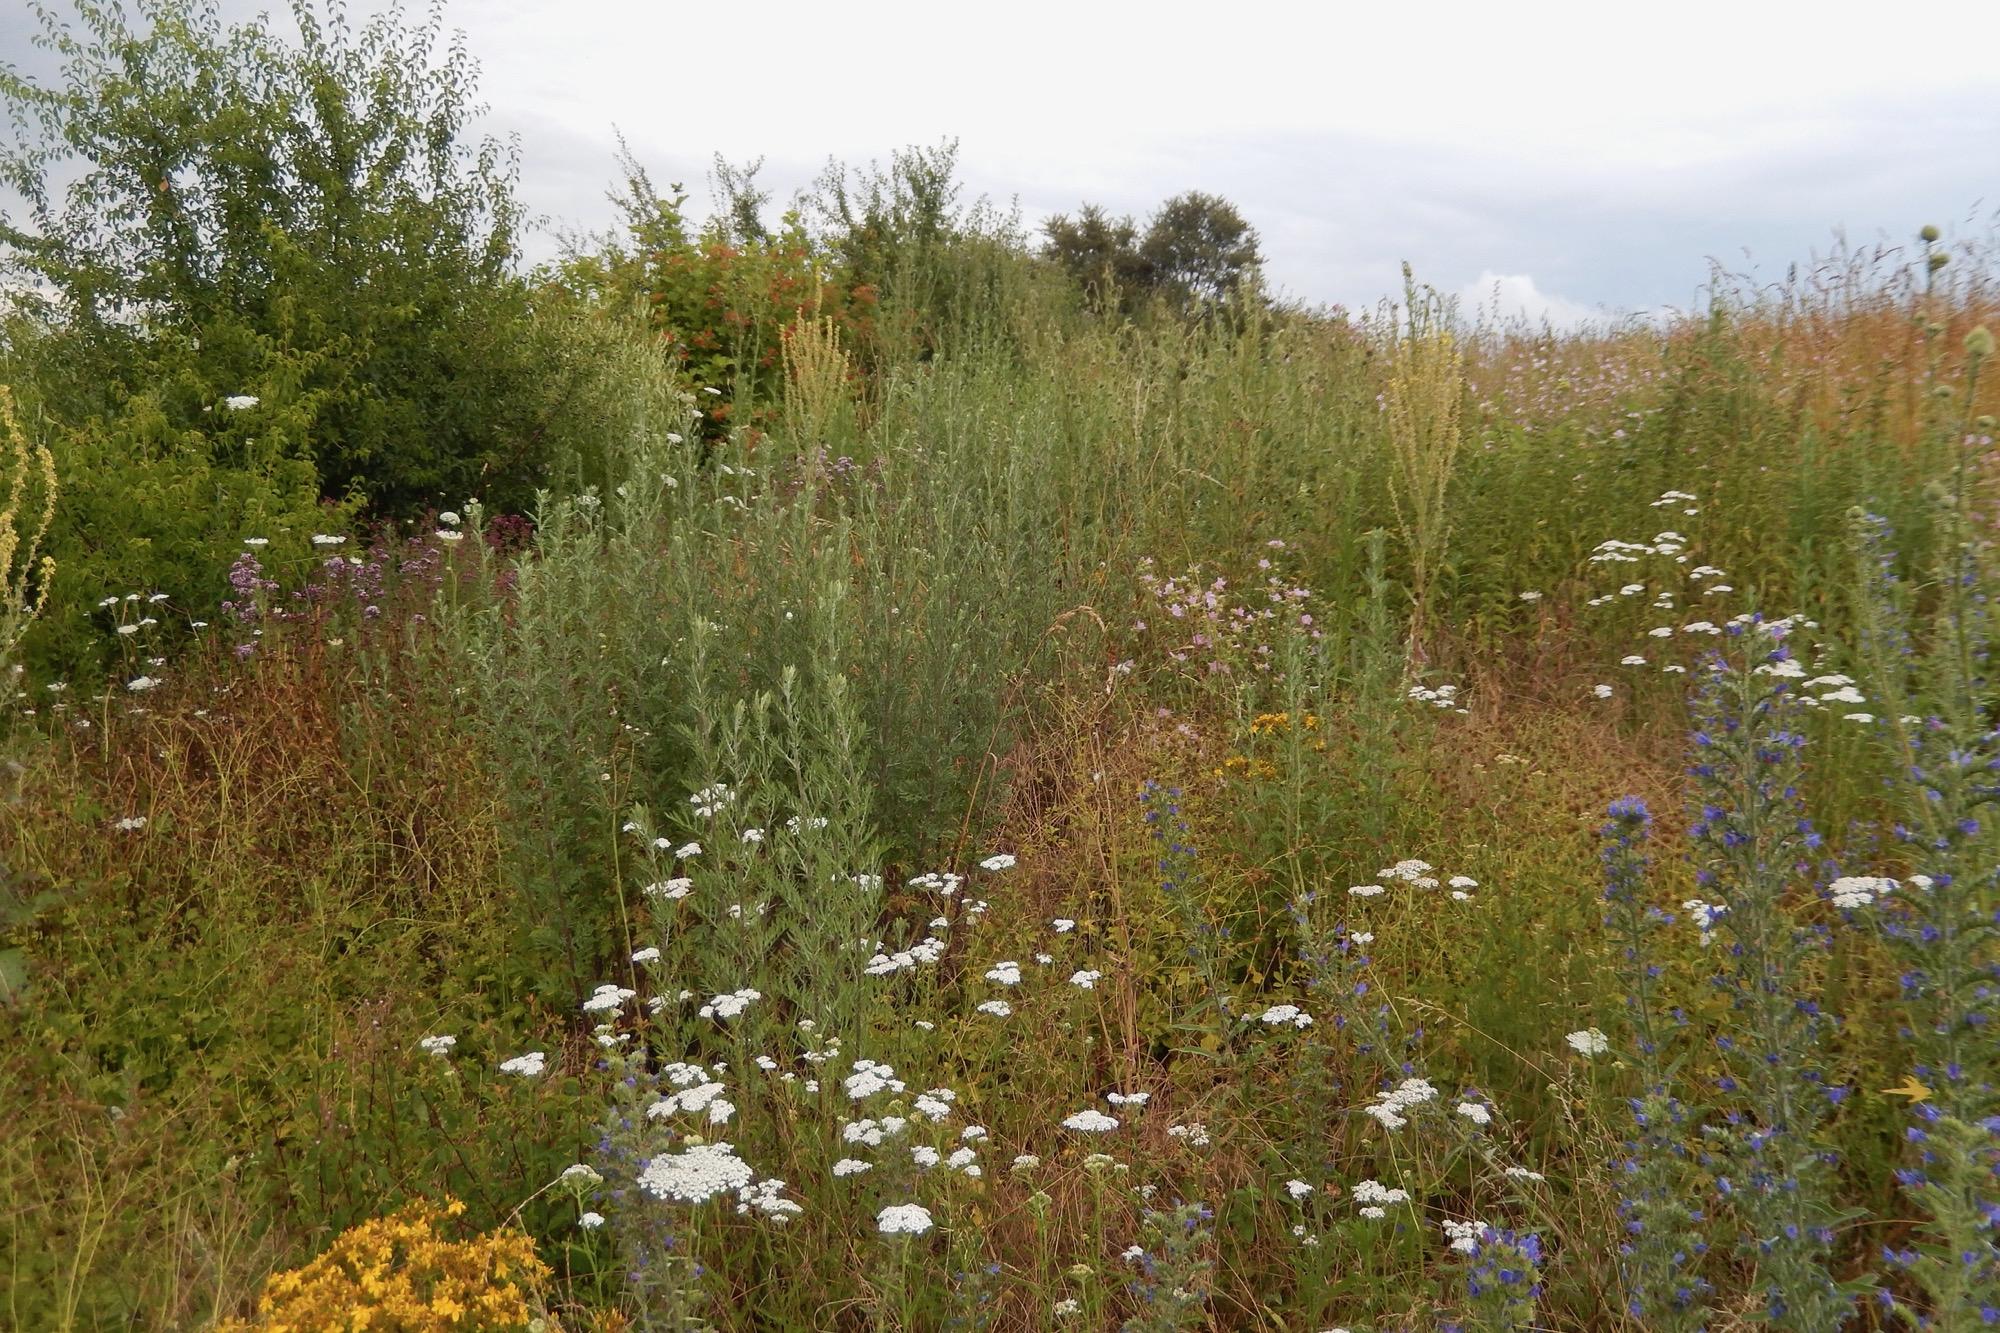 Das Blütenangebot verändert sich über das Jahr - Herbst